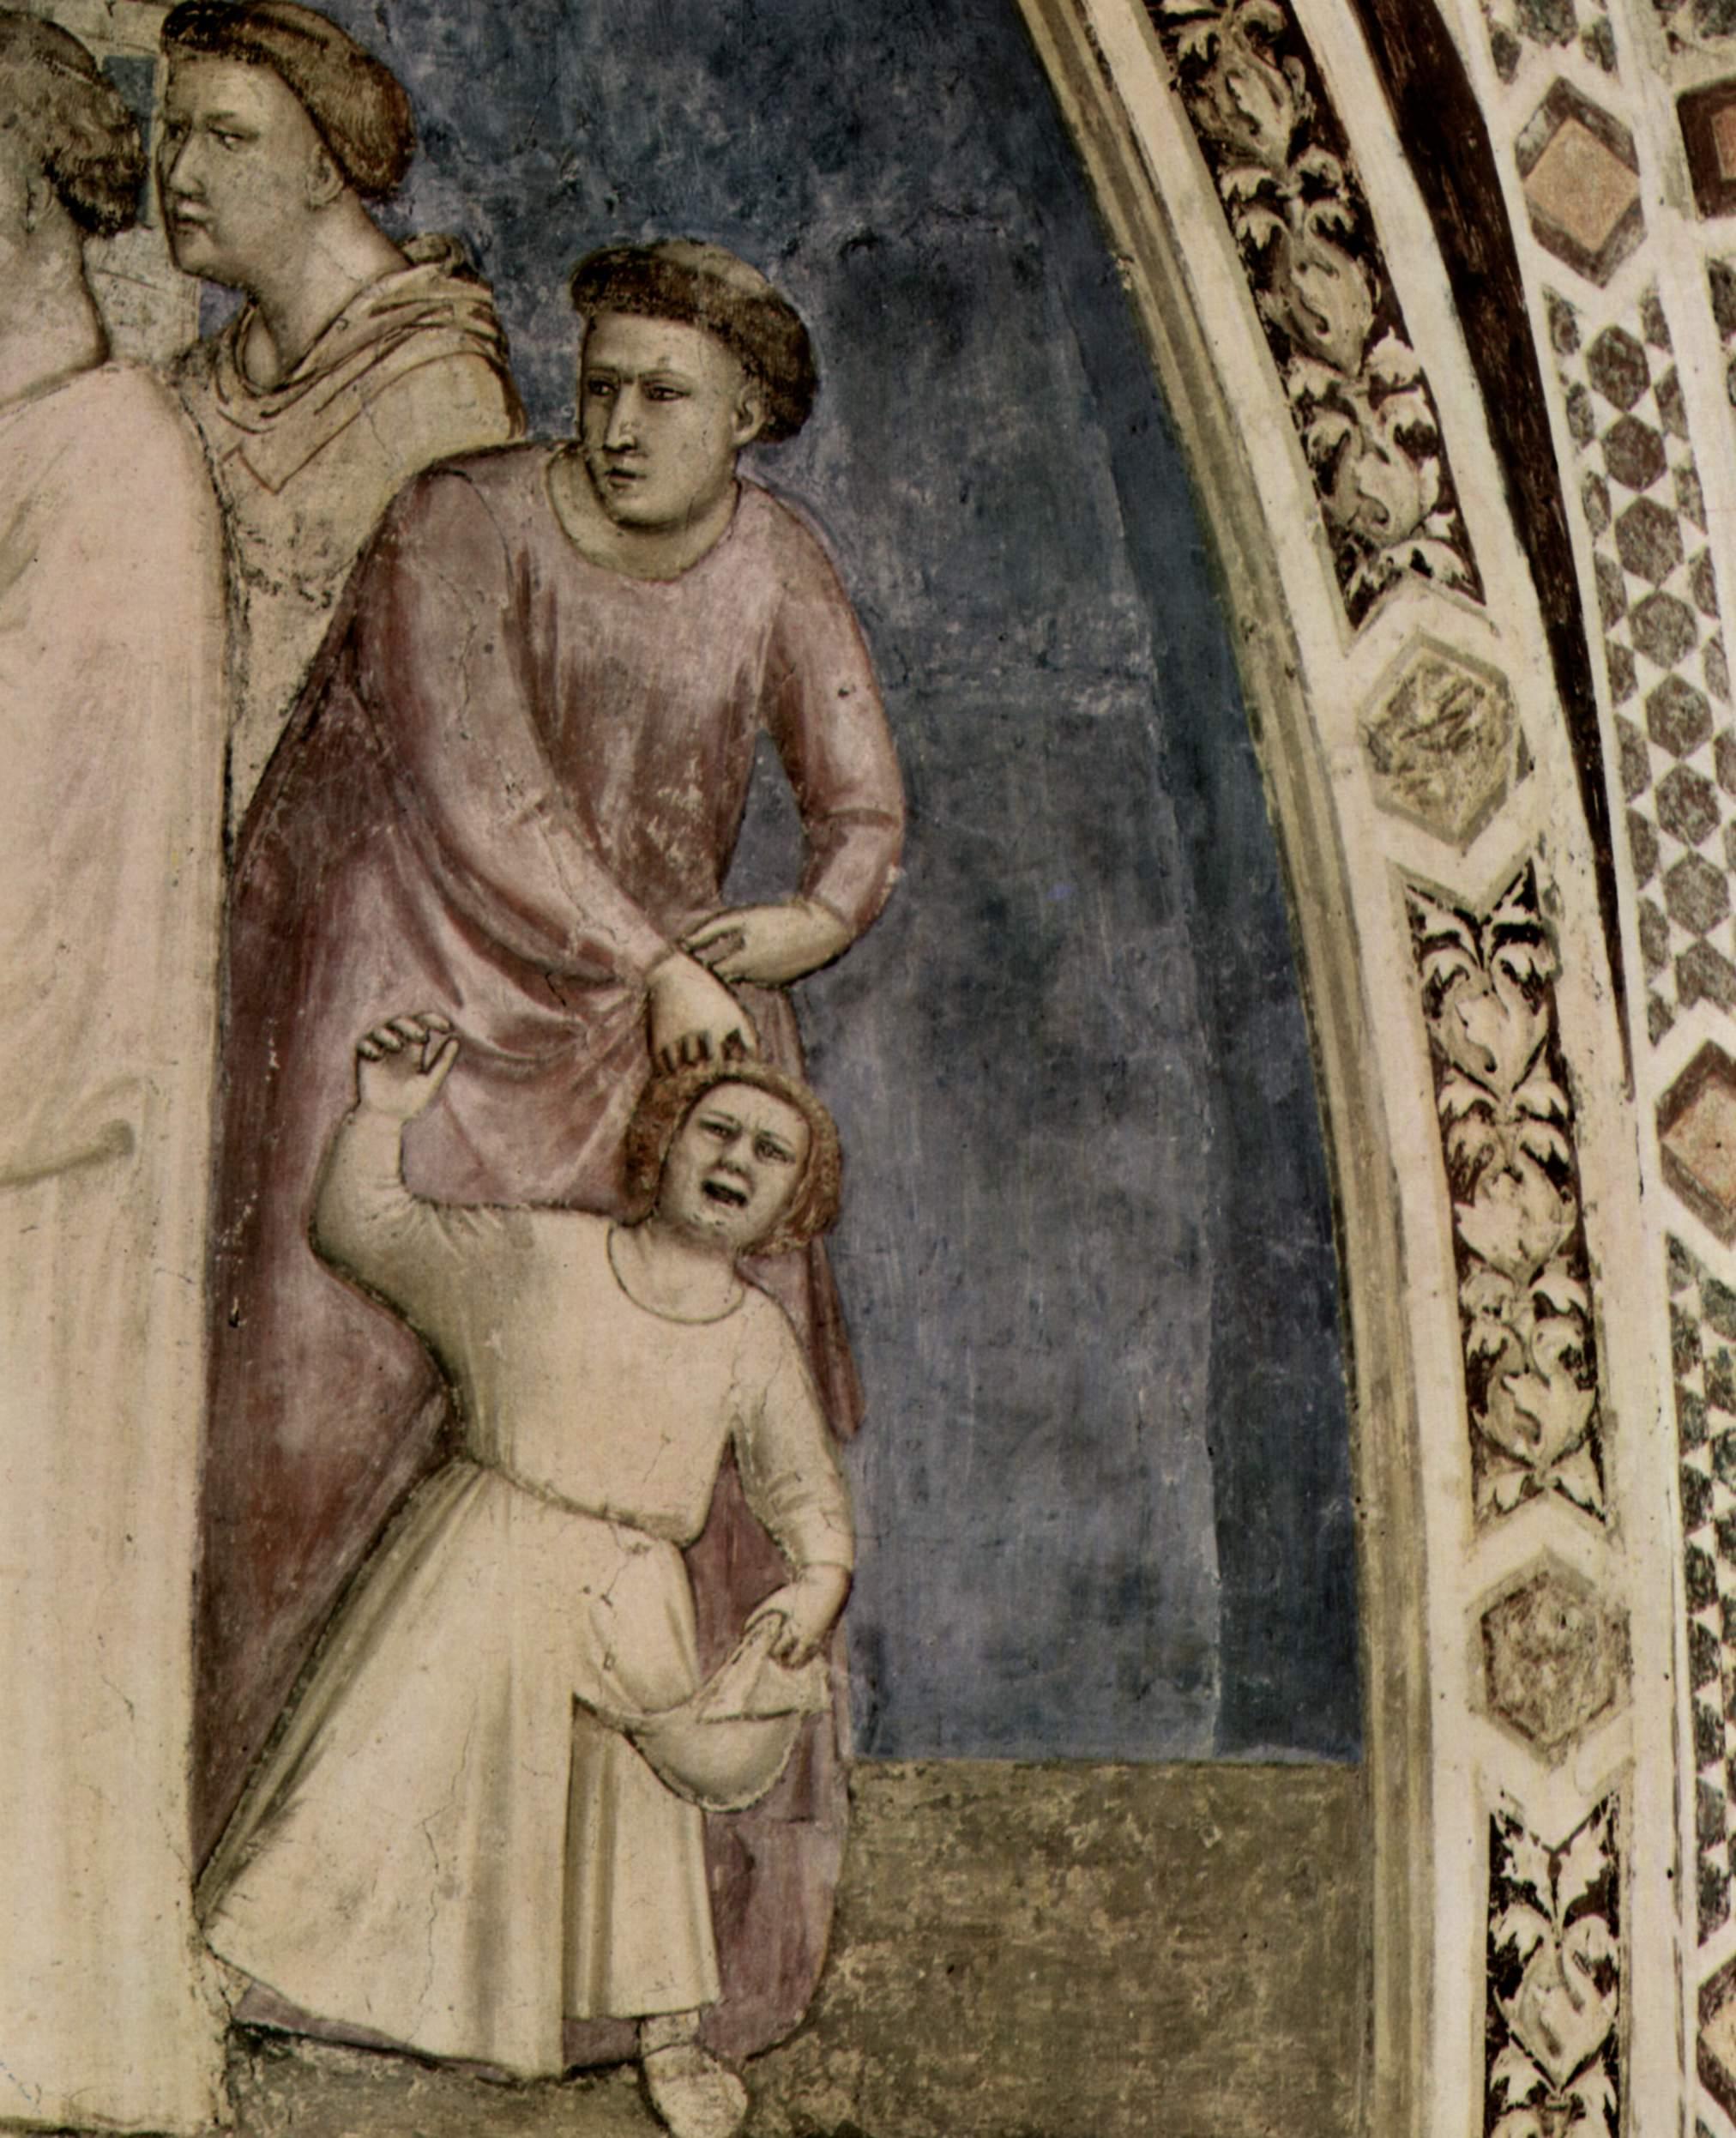 Цикл фресок из жизни св. Франциска, капелла Барди [03]. Санта Кроче во Флоренции. Обручение св. Фран, Джотто ди Бондоне